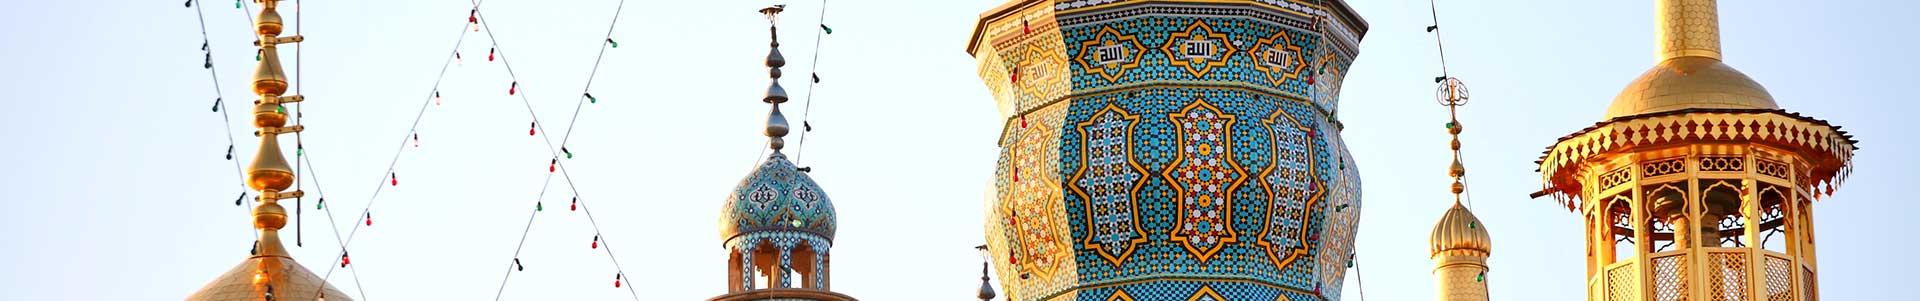 Voyage en iran - TUI